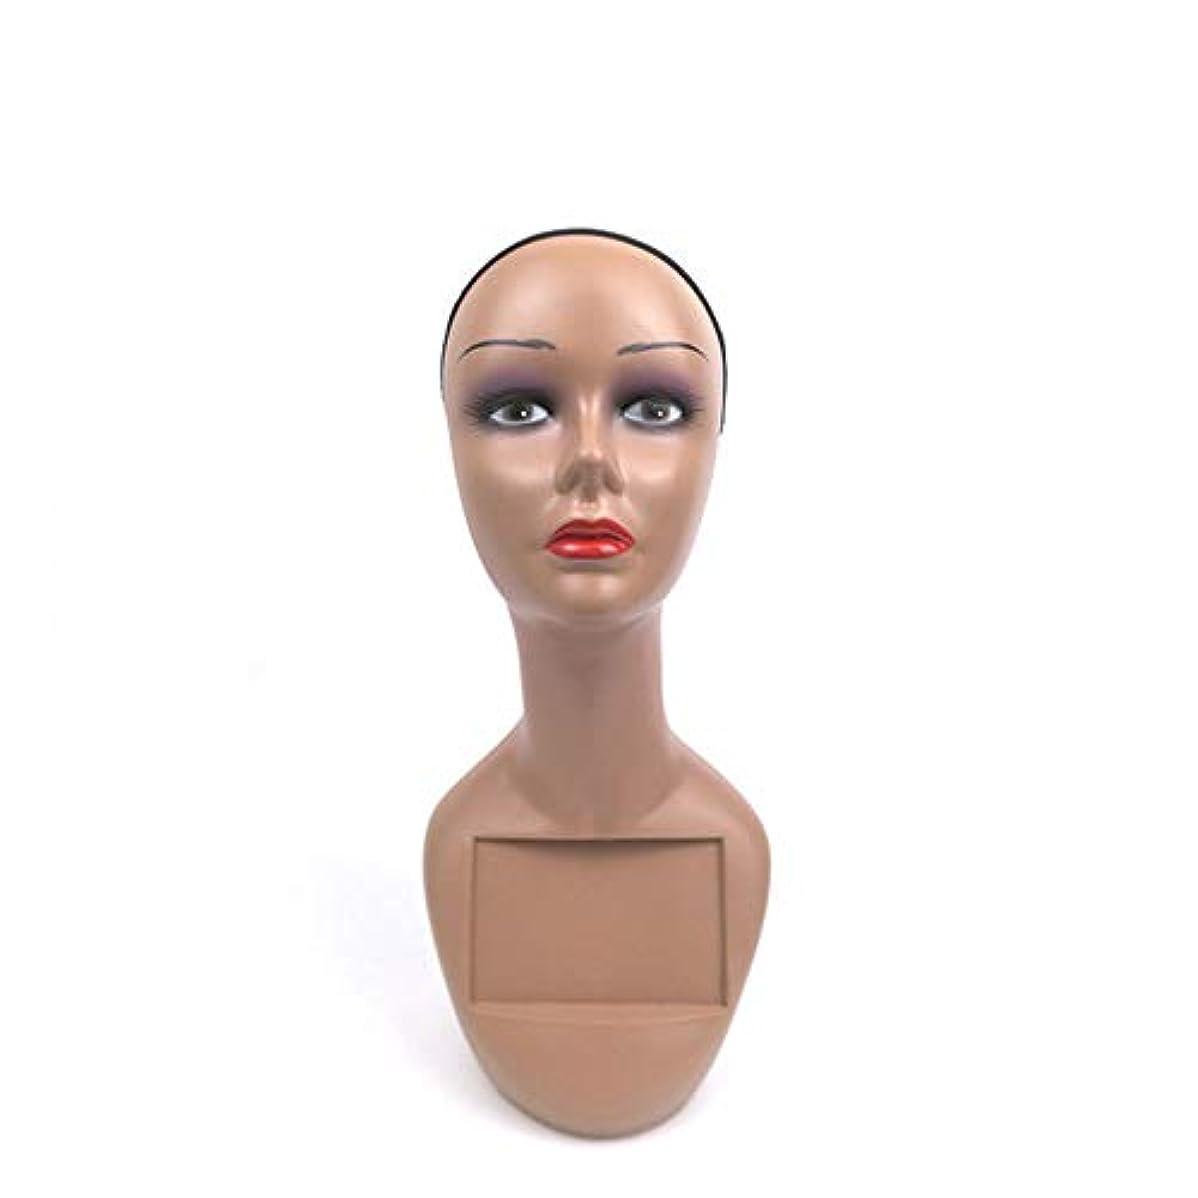 宿題ゼロ英語の授業がありますウィッグヘッド型小道具ABSヘッドモデル化粧モデルヘッドウィッグモデルヘッド女性ウィンドウディスプレイヘッド